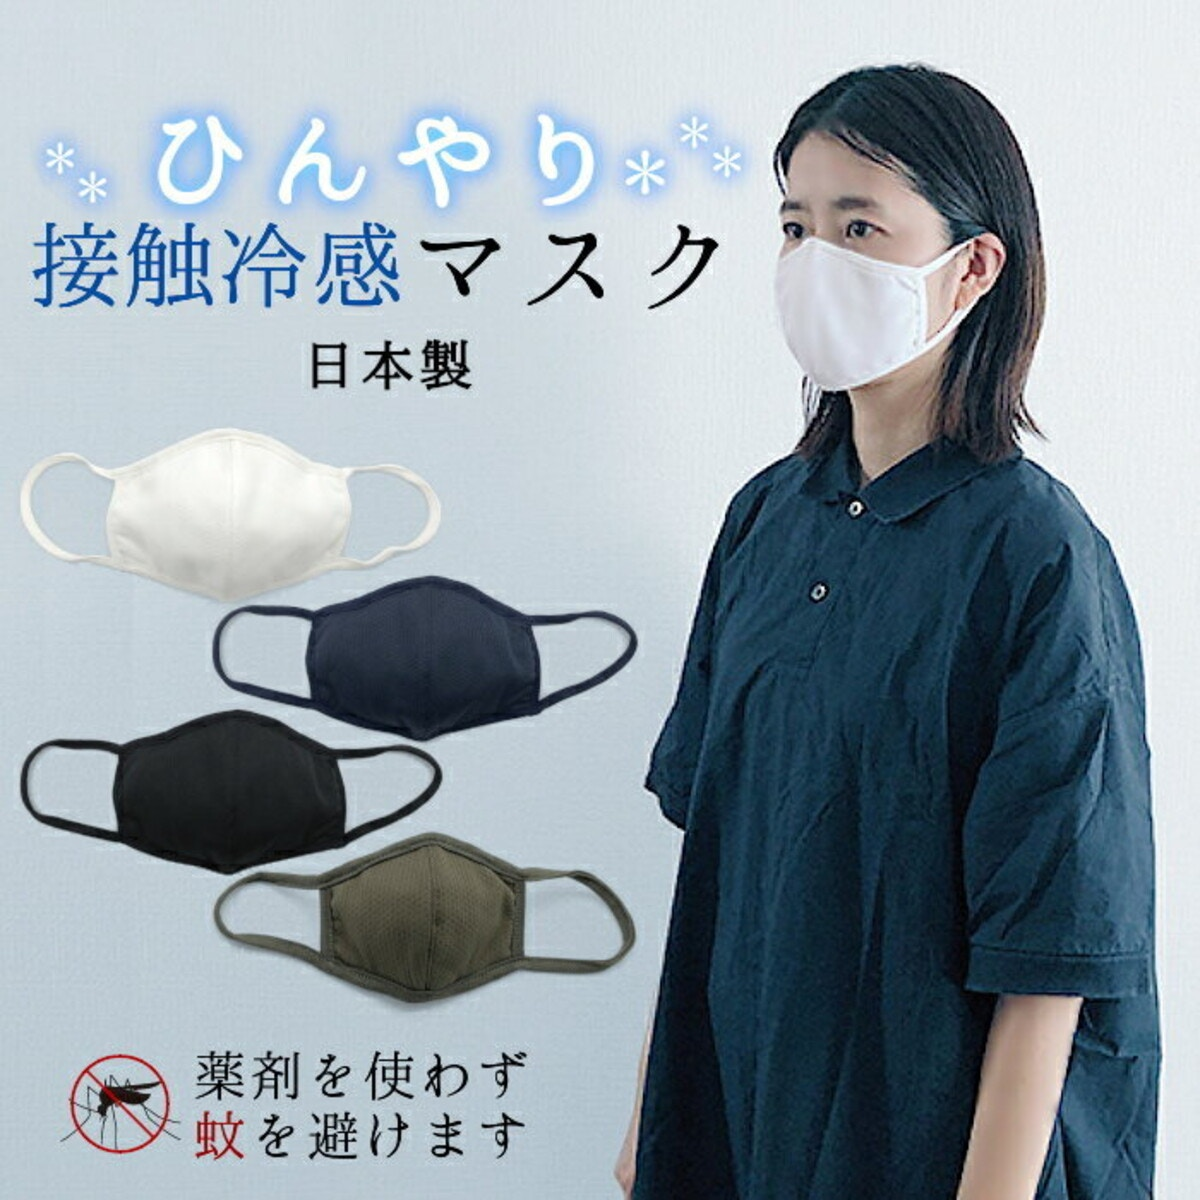 蚊がこない 夏用布マスク